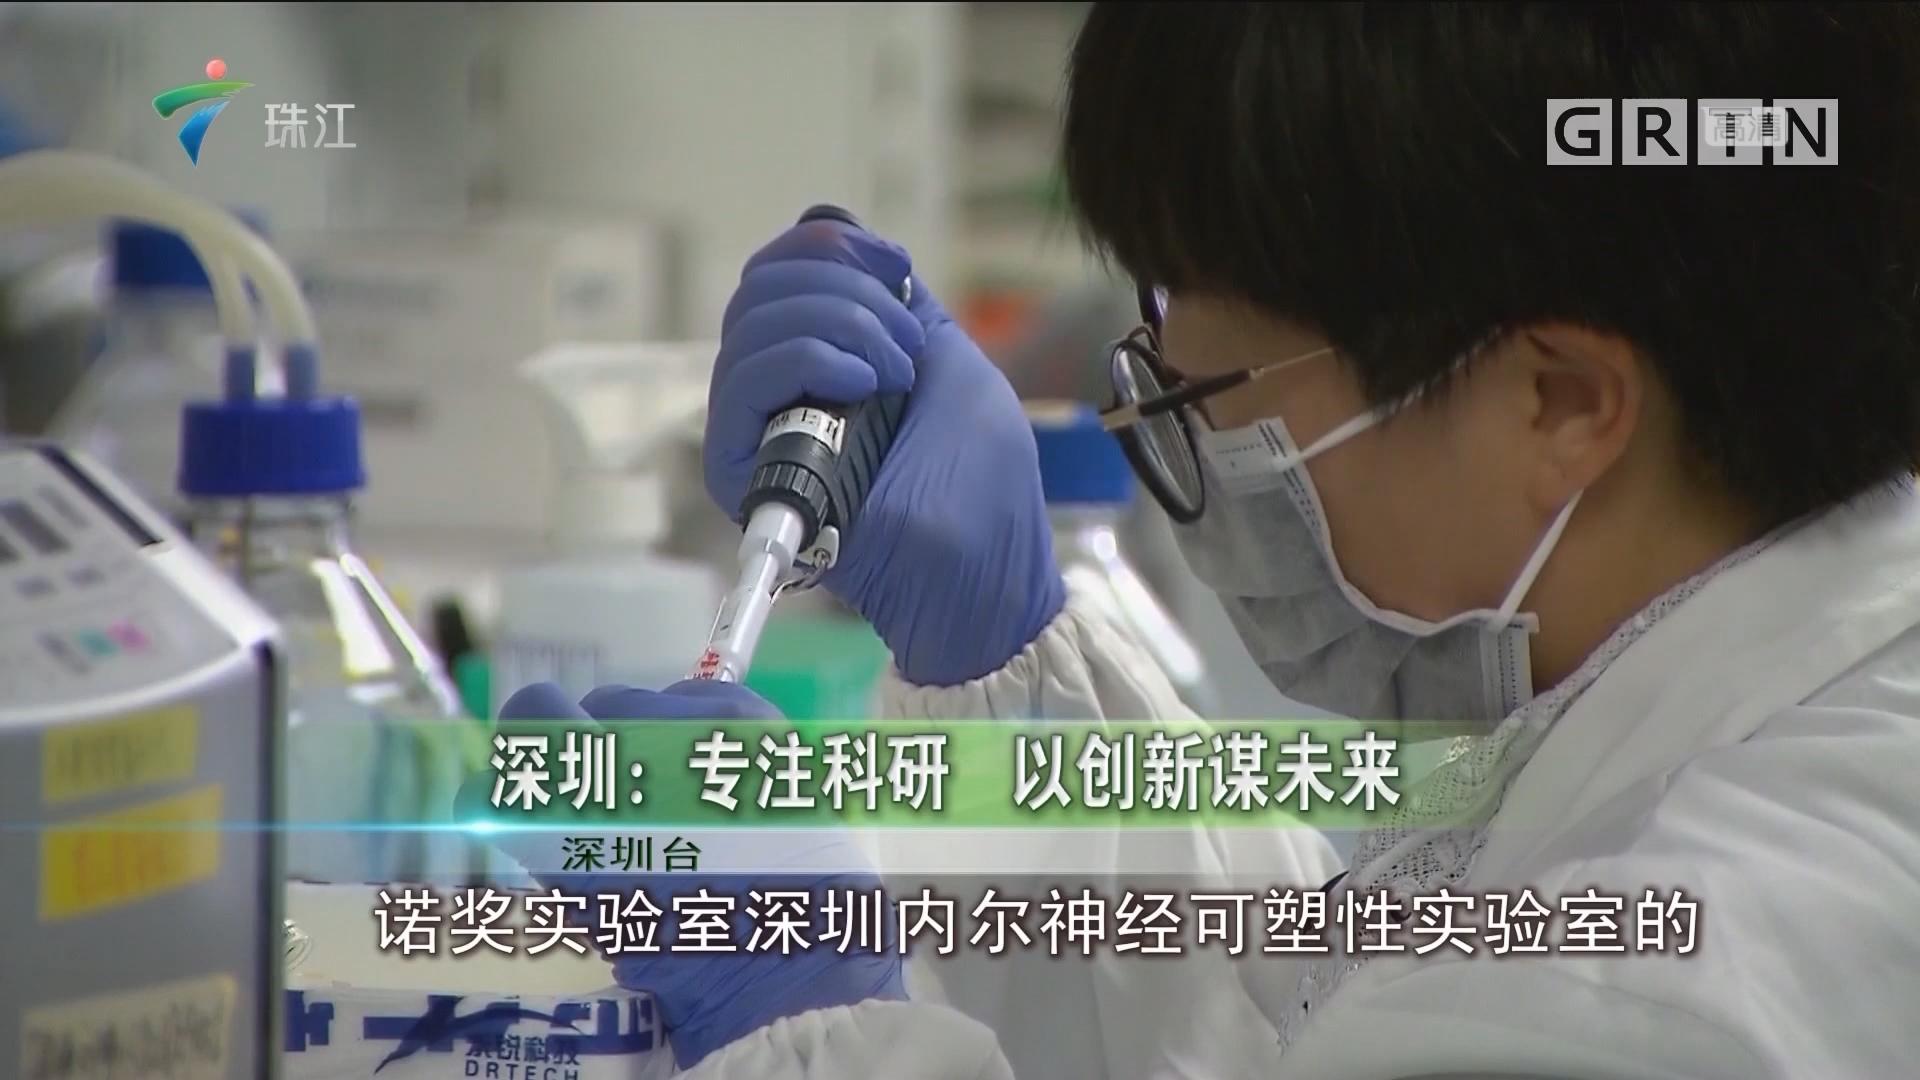 深圳:专注科研 以创新谋未来